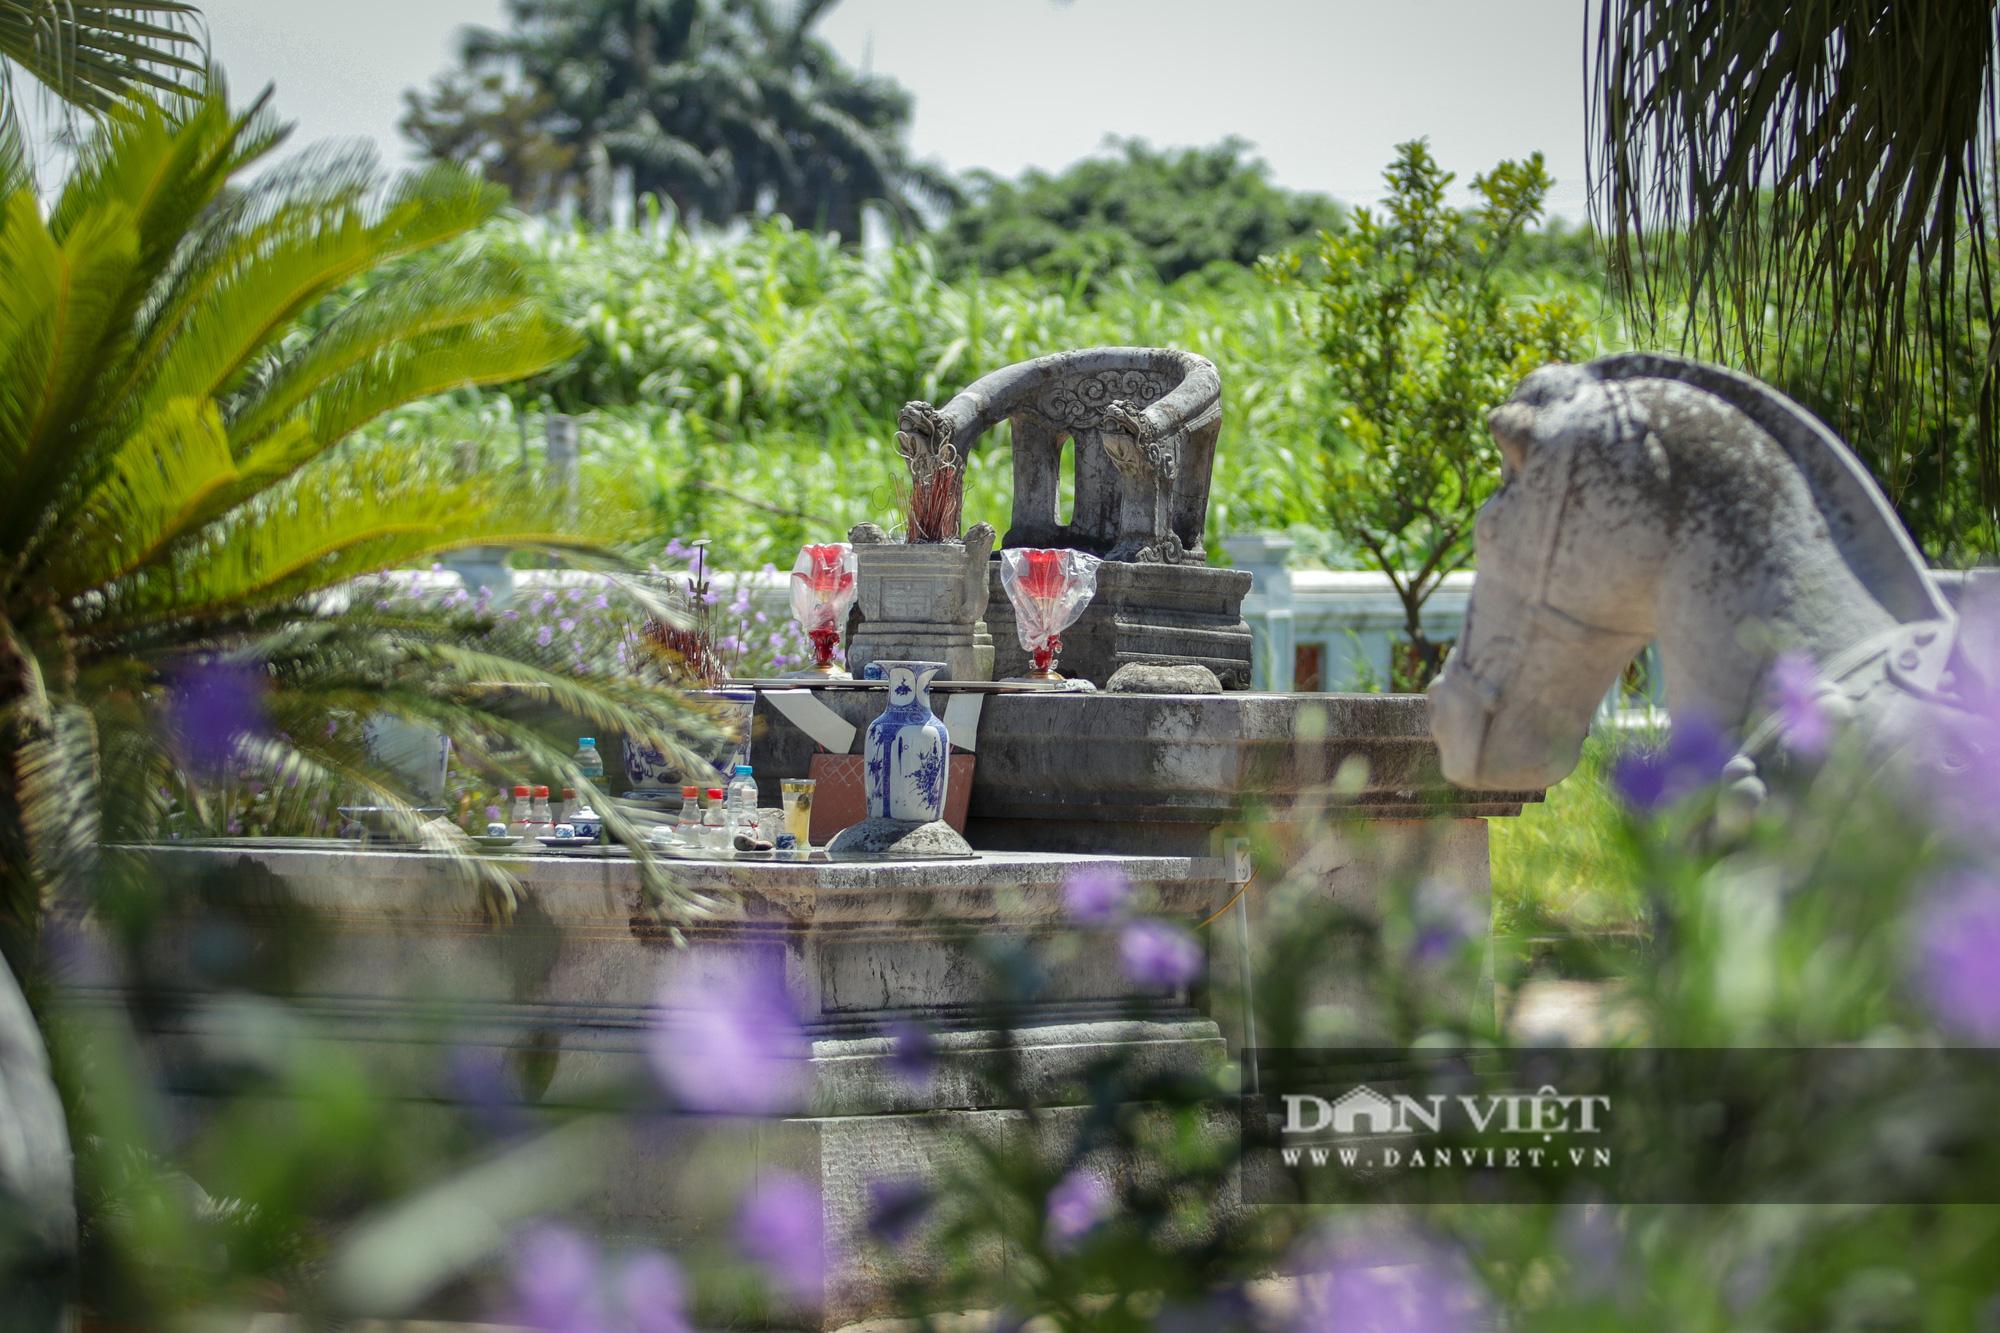 Bí ẩn lăng mộ đá ở Hà Nội bị 2 trận lũ lớn vùi lấp suốt hàng trăm năm - Ảnh 11.